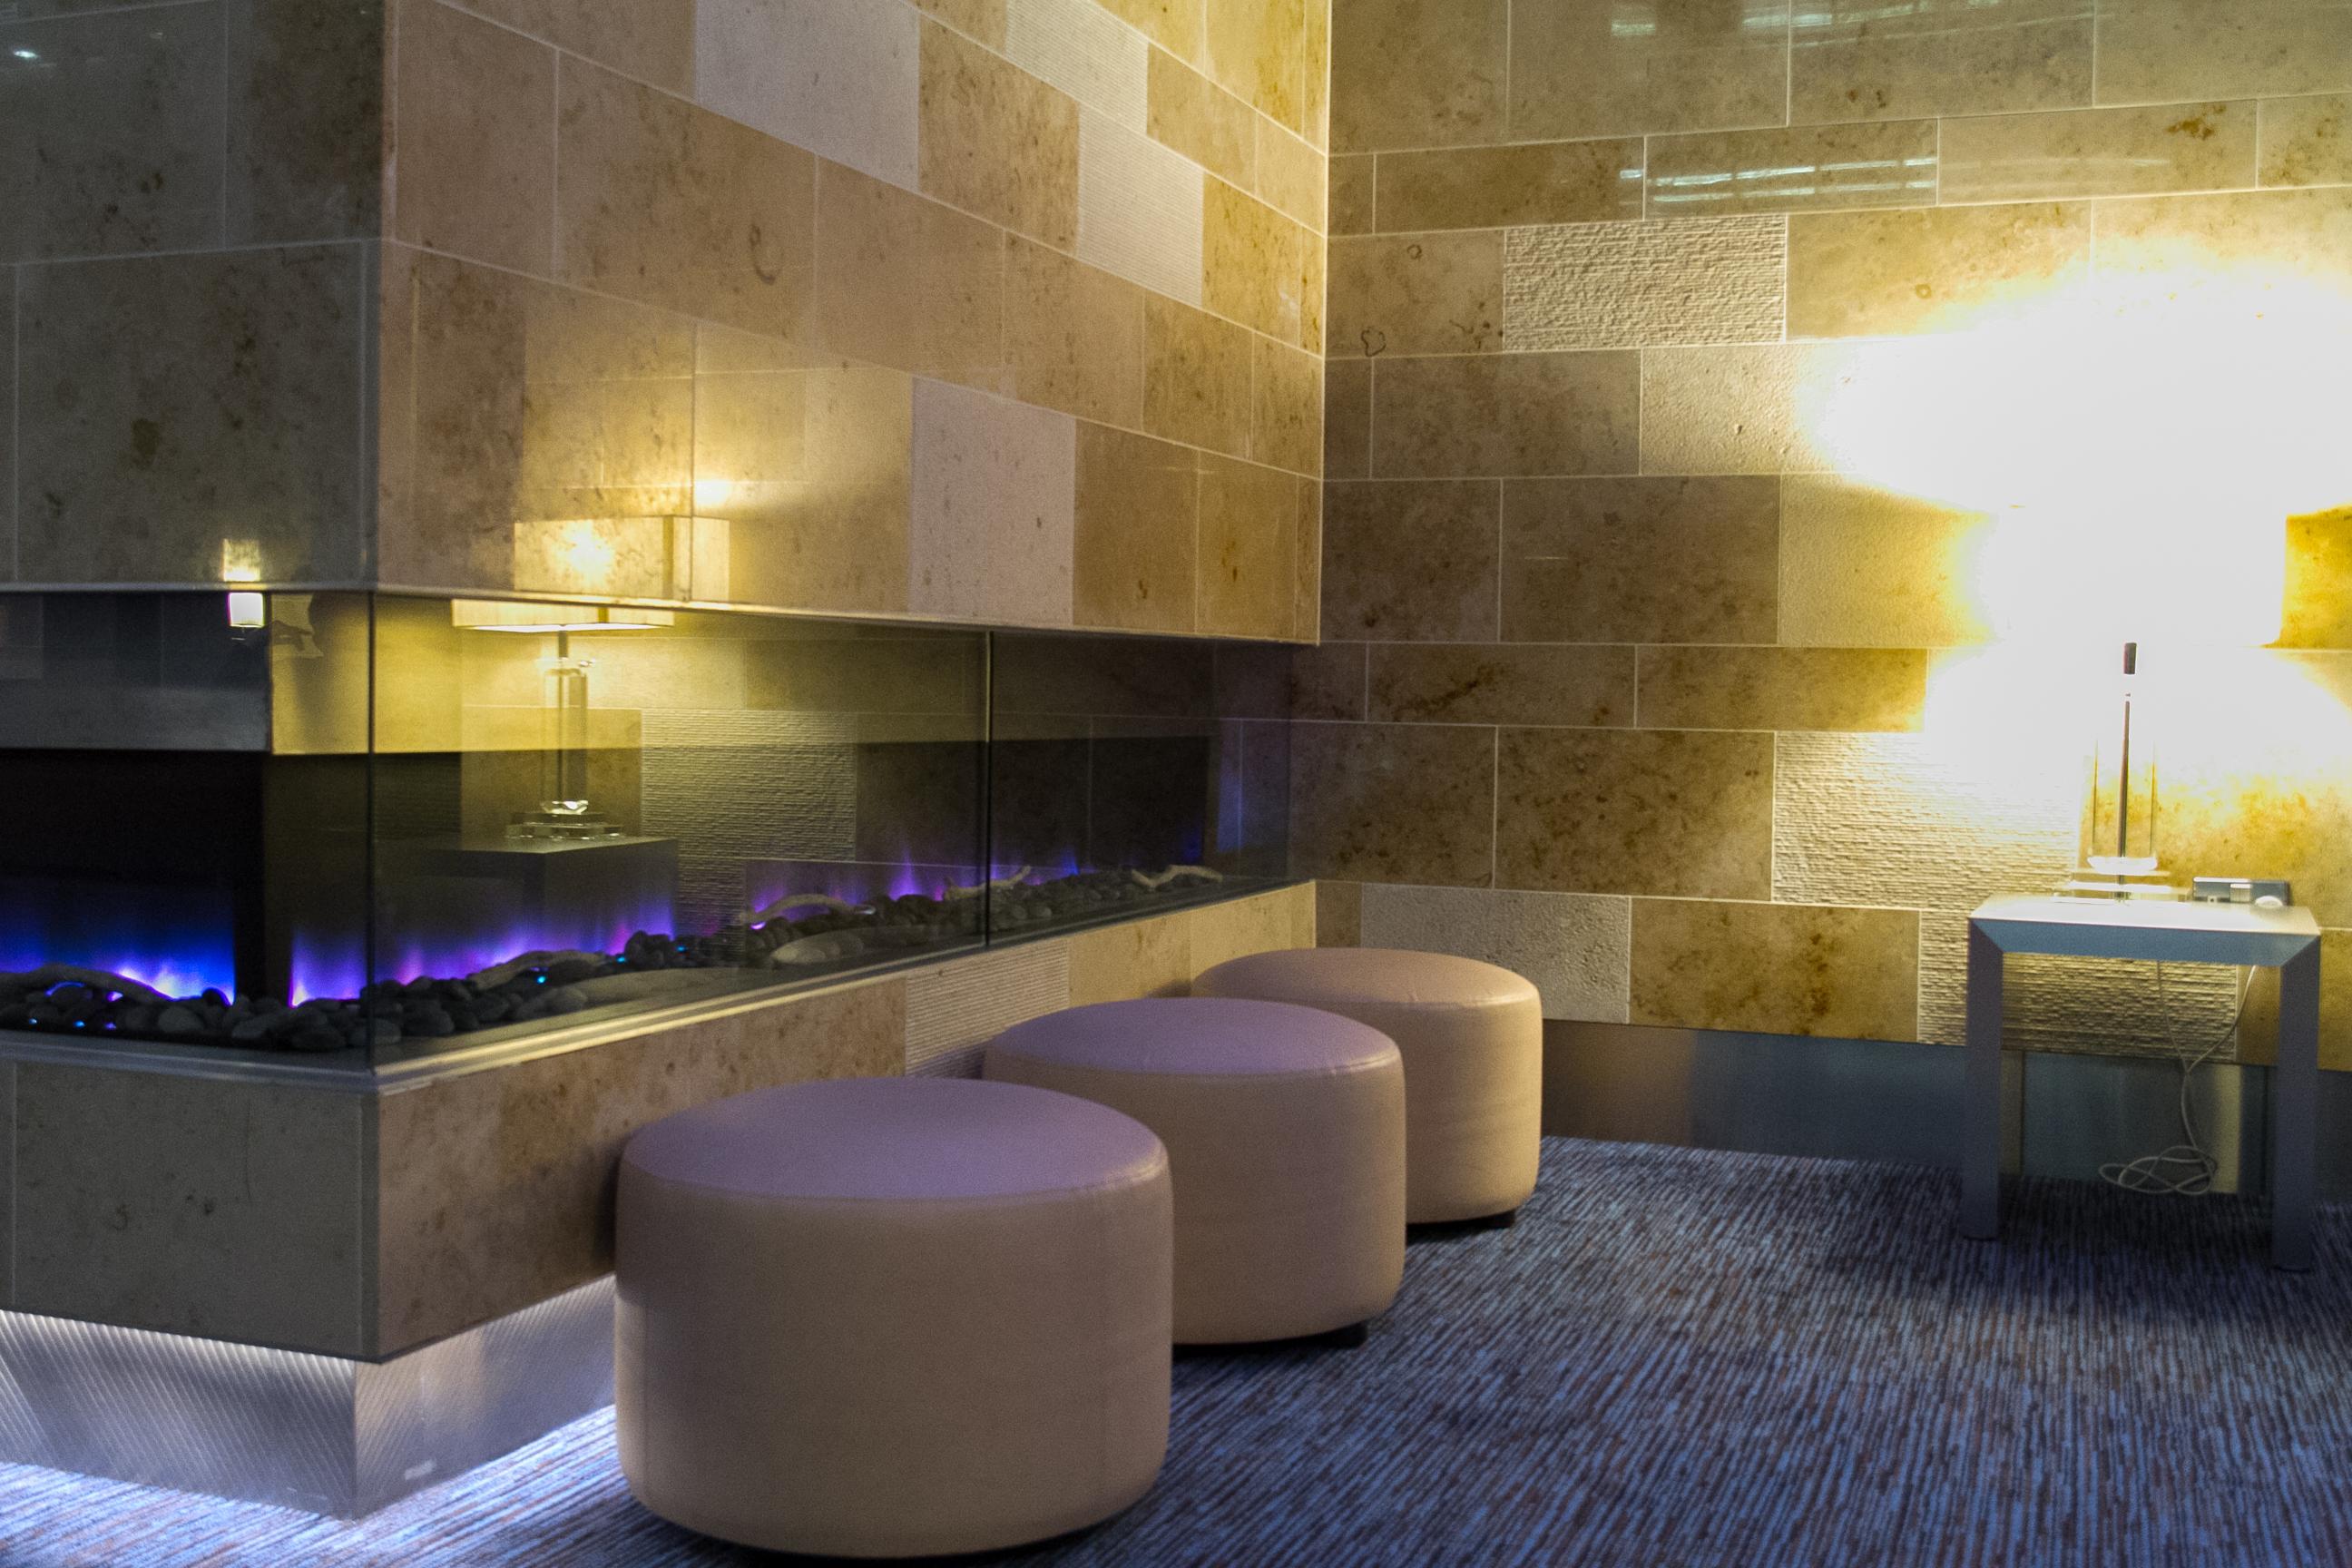 Cheminee und Hocker in der Sphere Bar des Sofitel Hotel London Heathrow